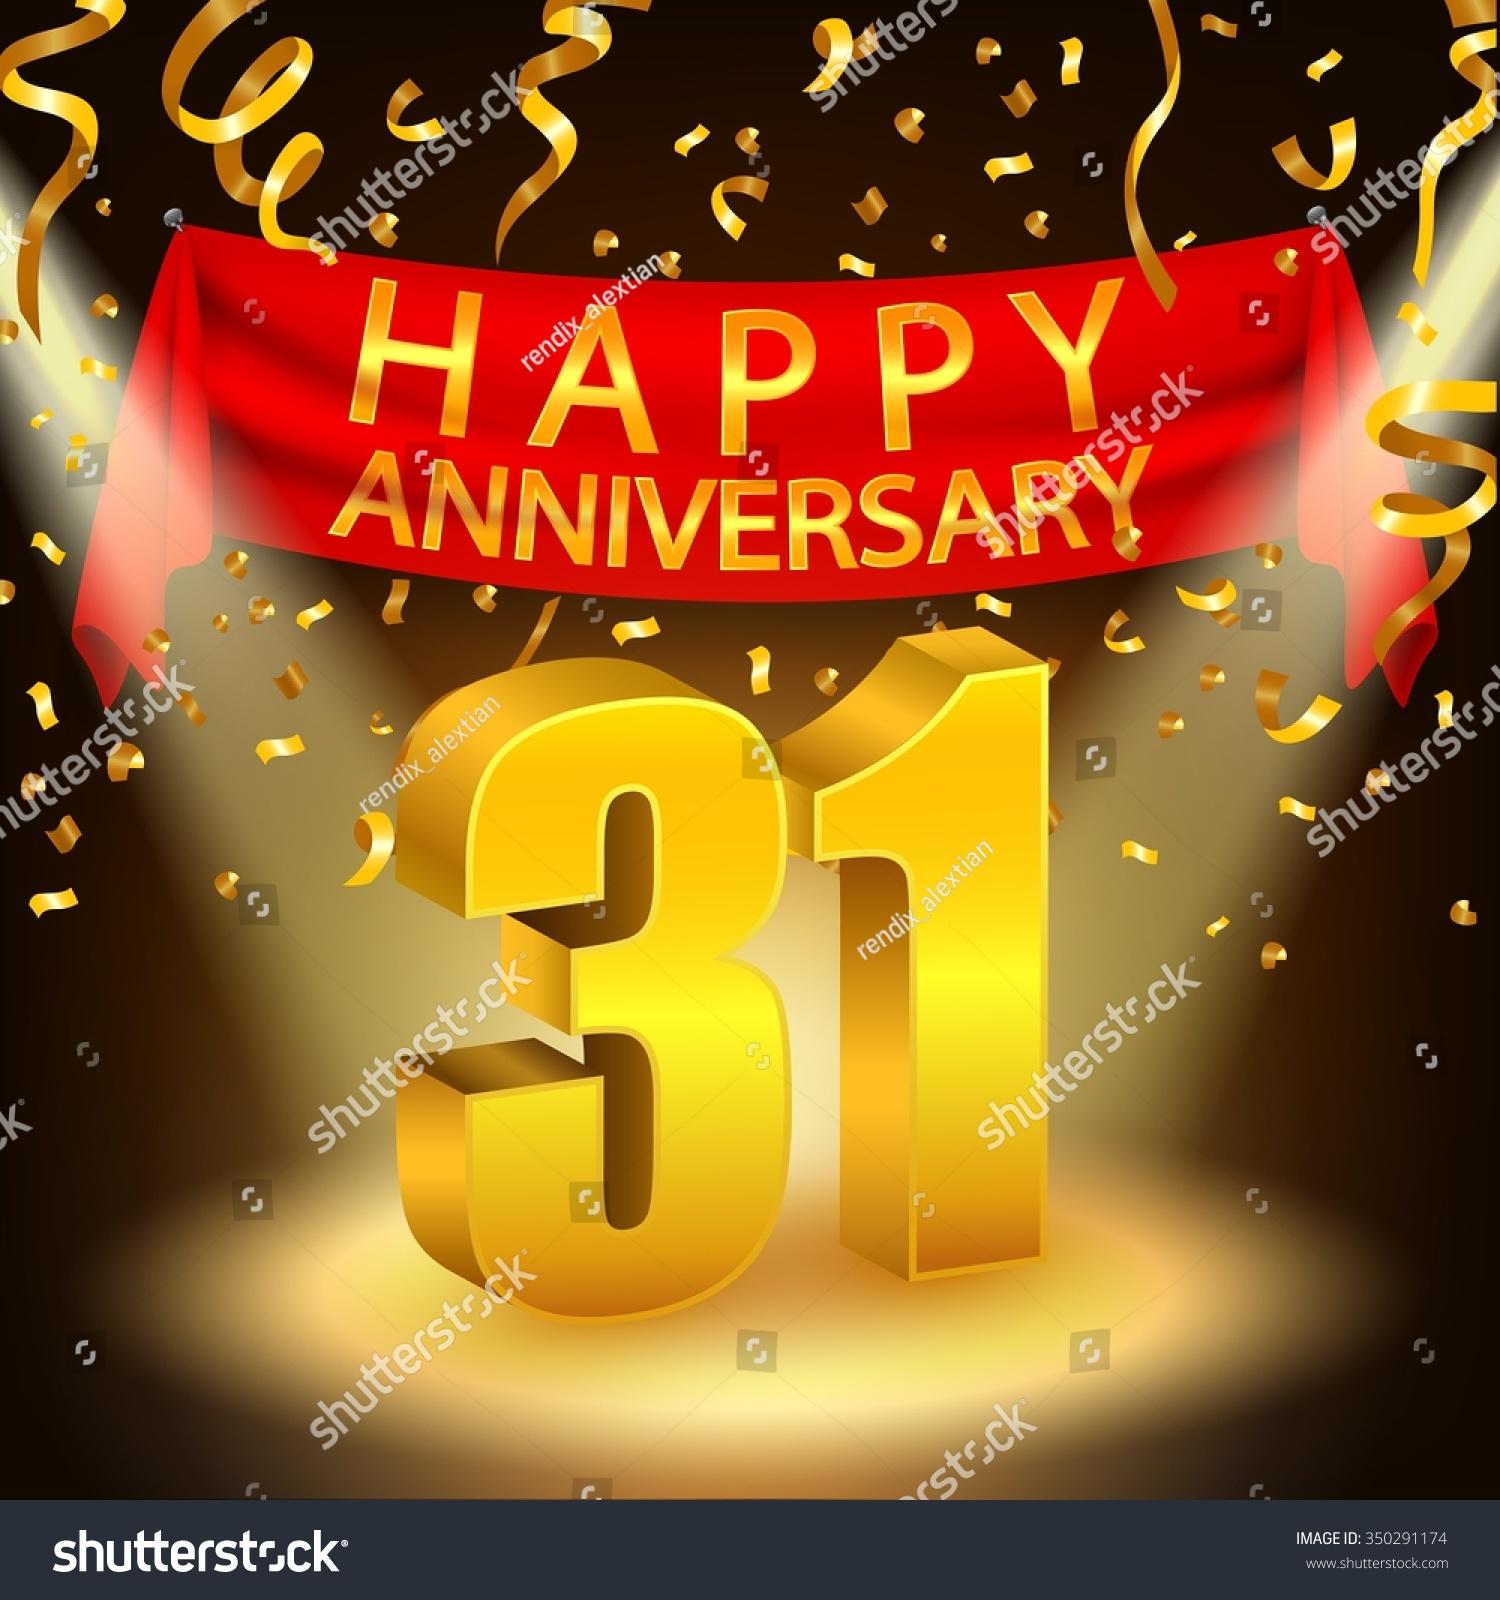 Happy 31st Anniversary Celebration Golden Confetti Stock